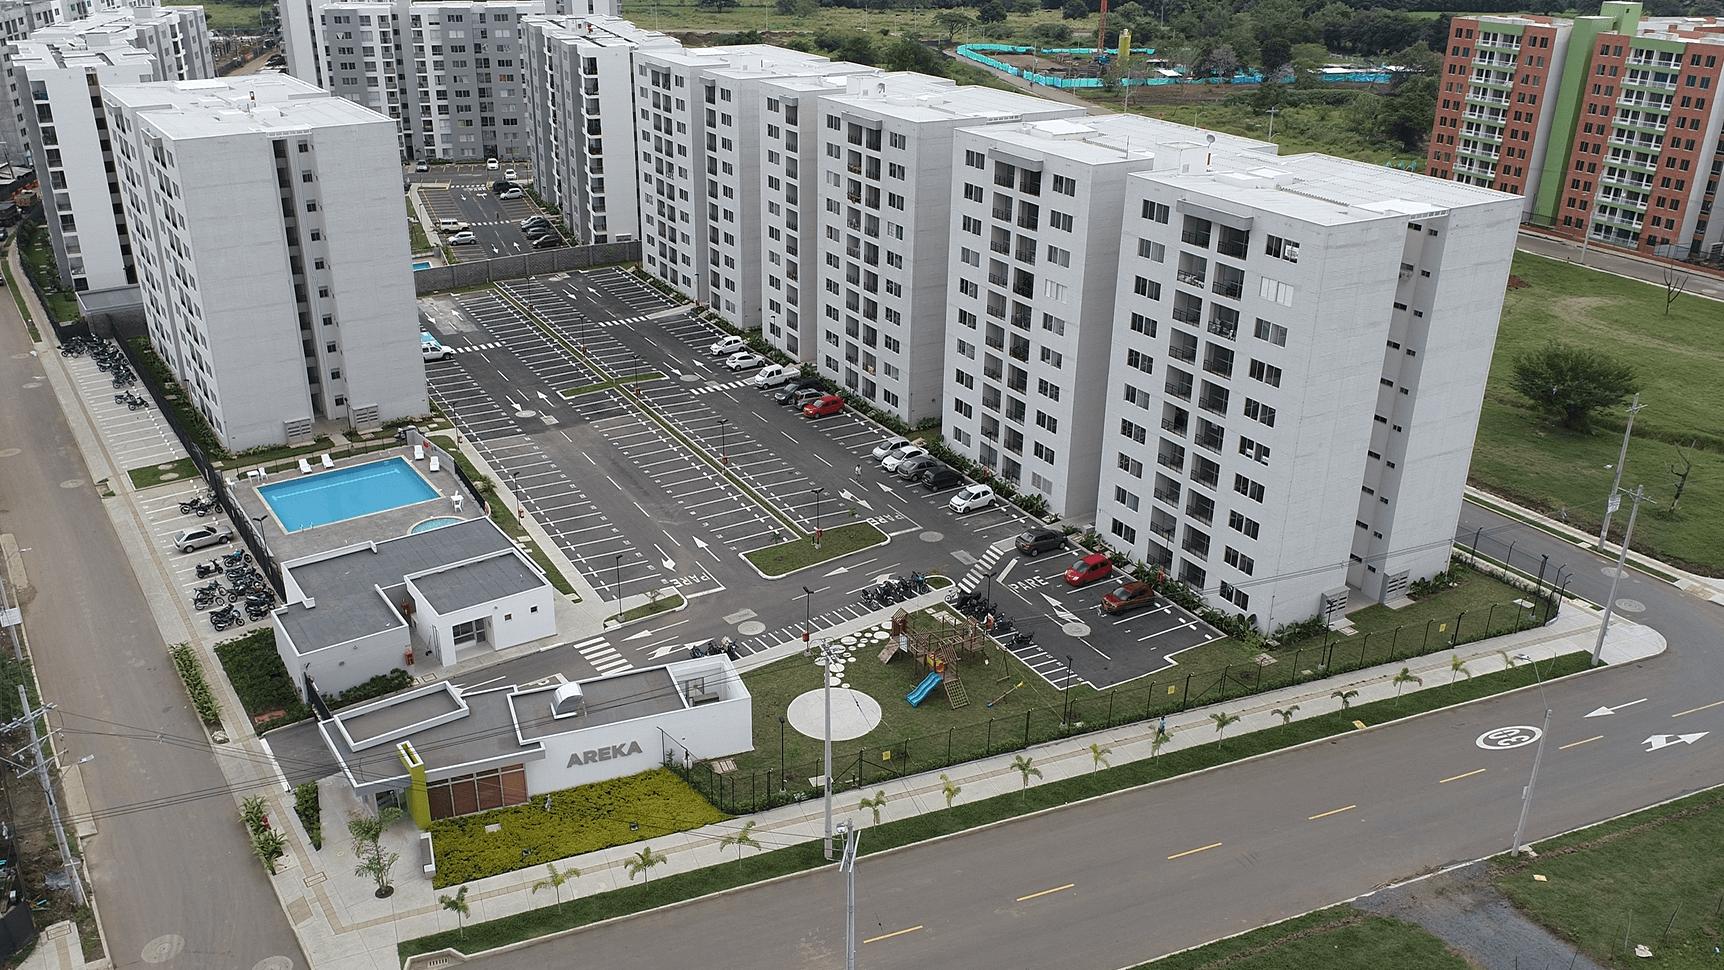 Areka apartamentos en Conjunto residencial - Hacienda Kachipay